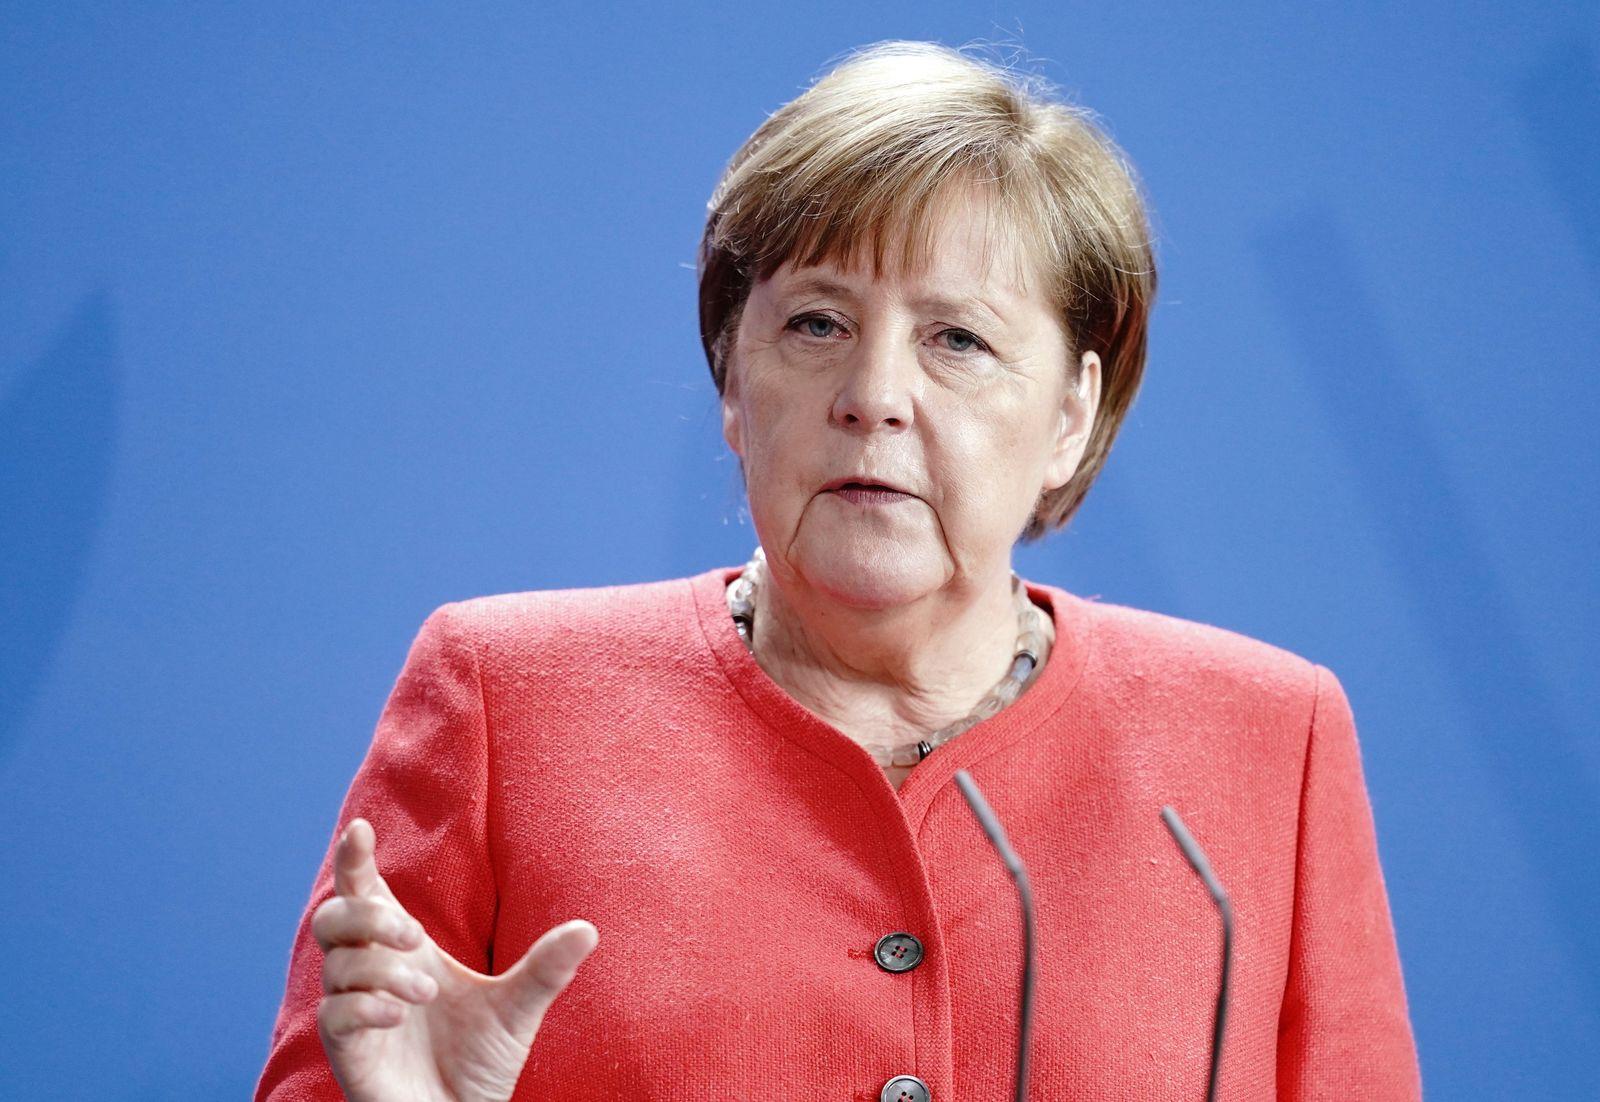 Merkel zu Corona-Zahlen